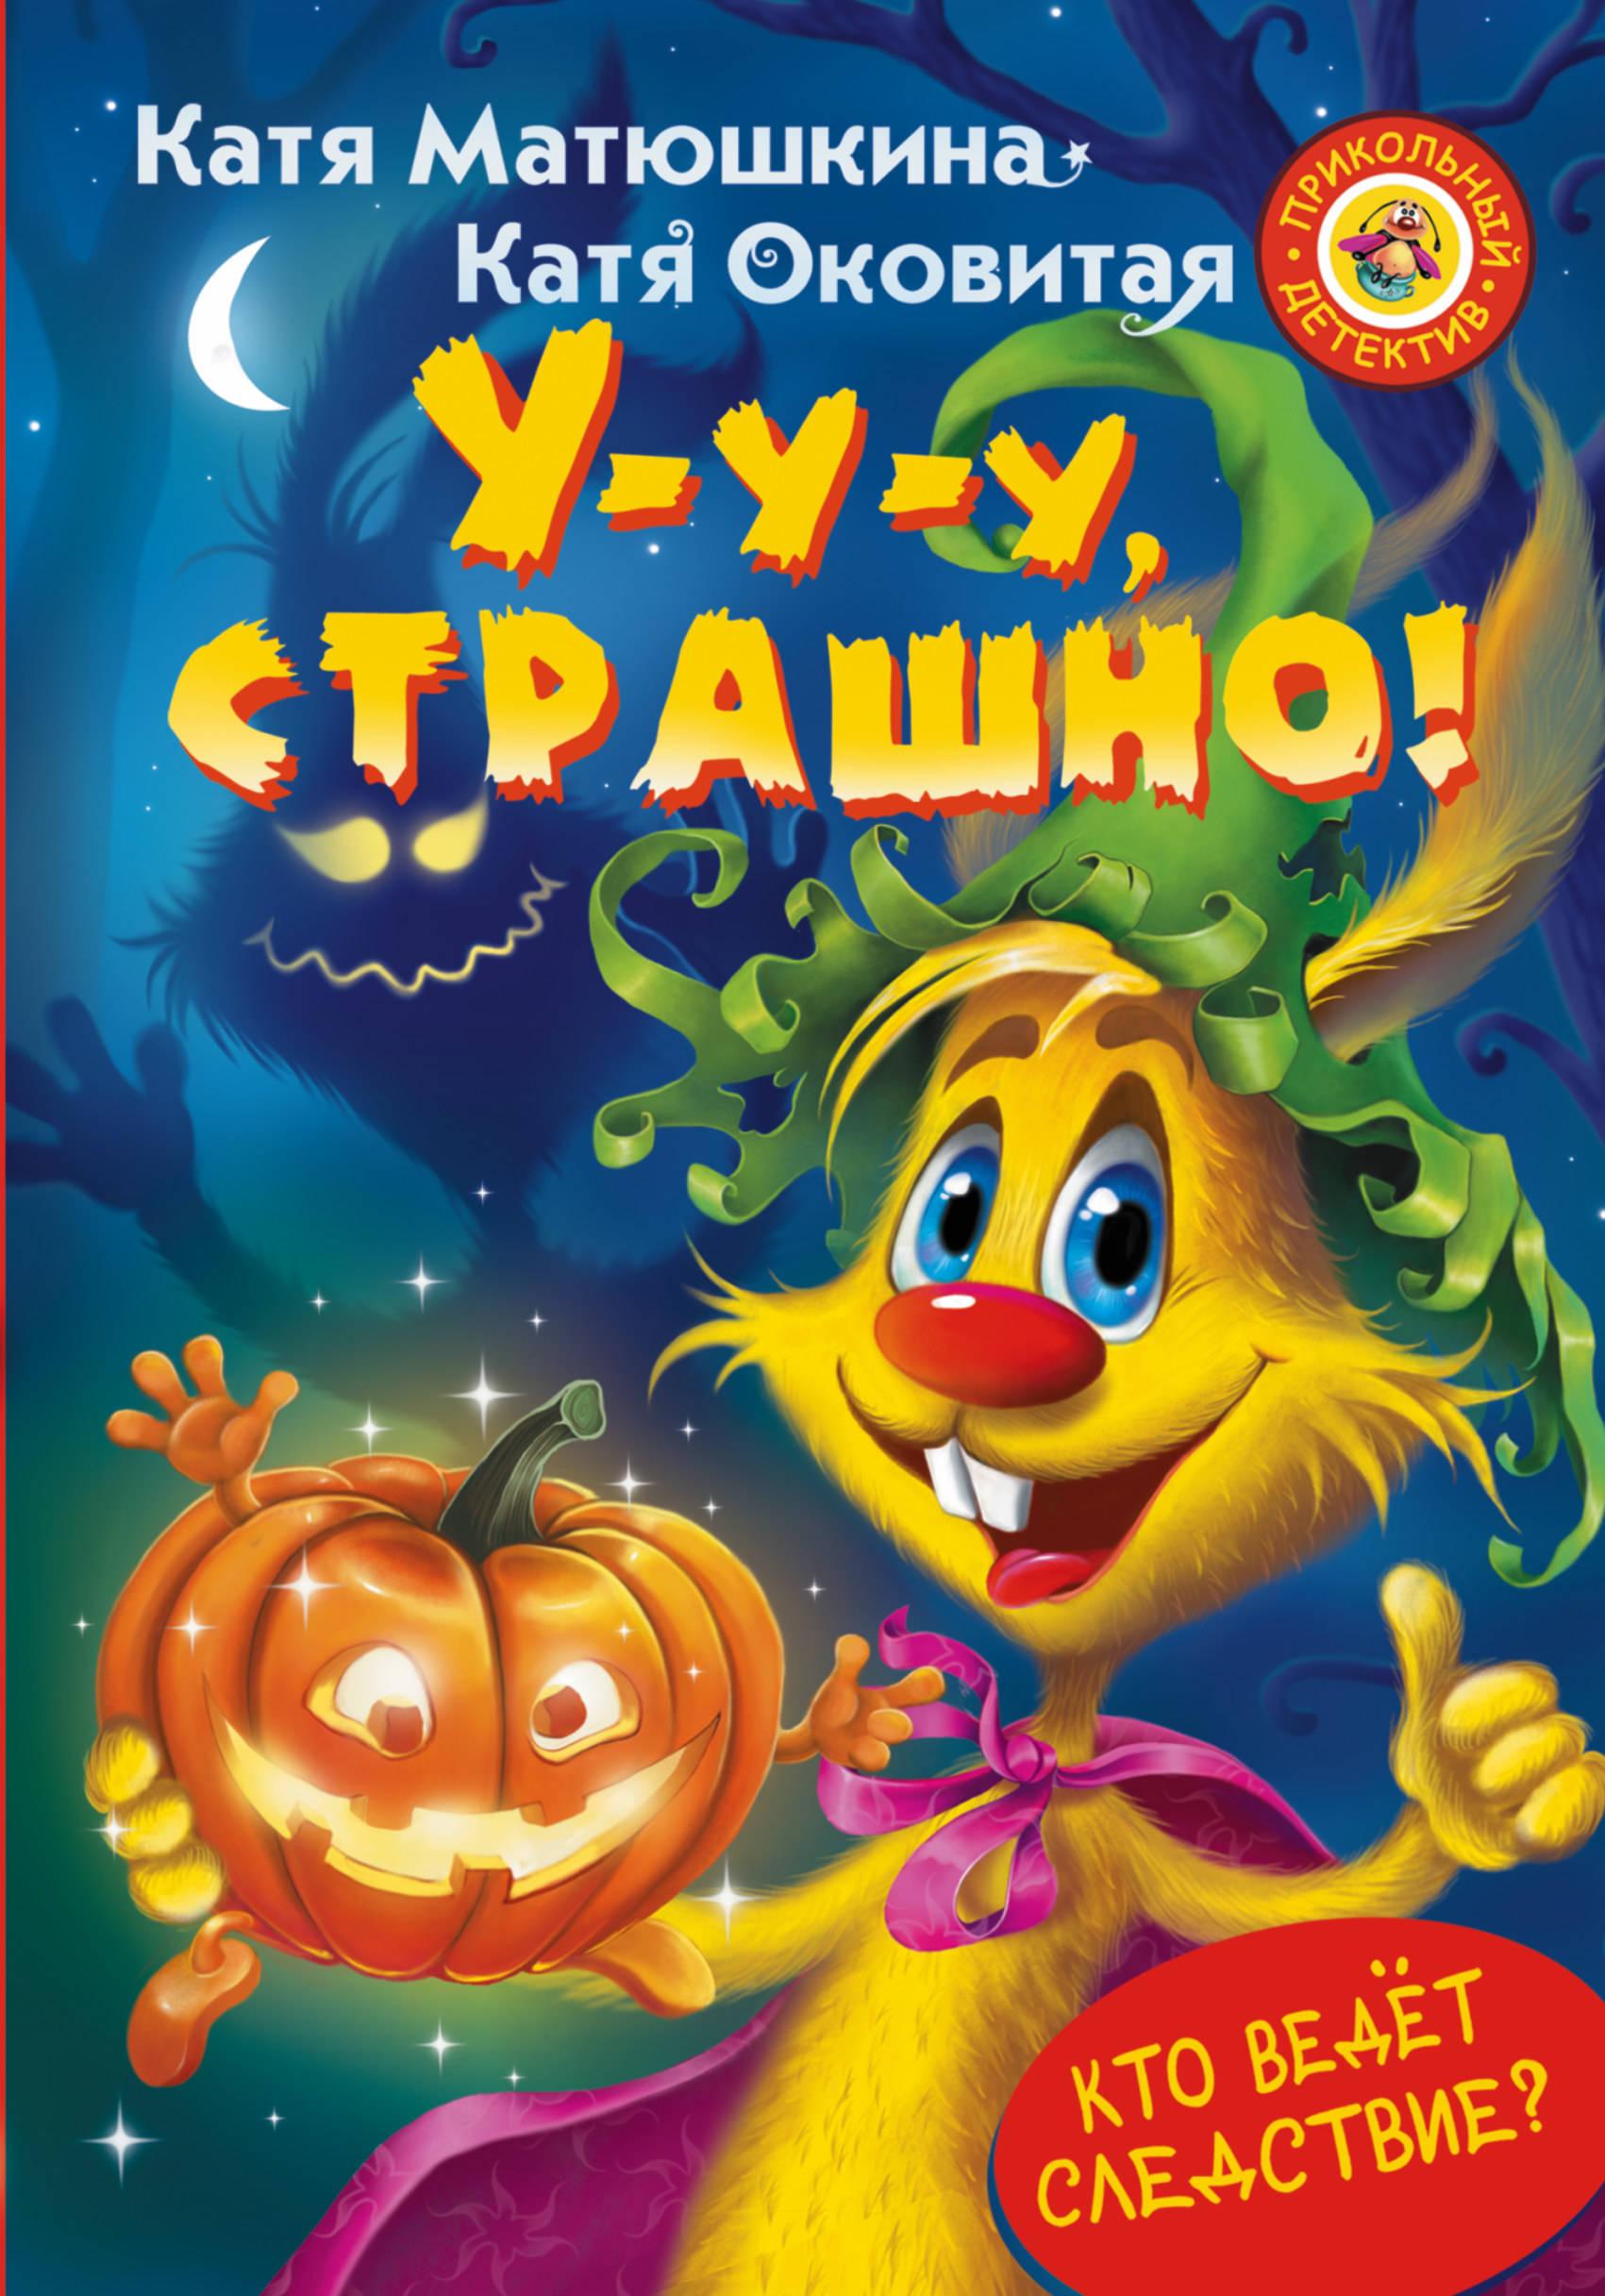 Катя Матюшкина, Катя Оковитая У-у-у, страшно! матюшкина екатерина александровна оковитая екатерина лапы вверх